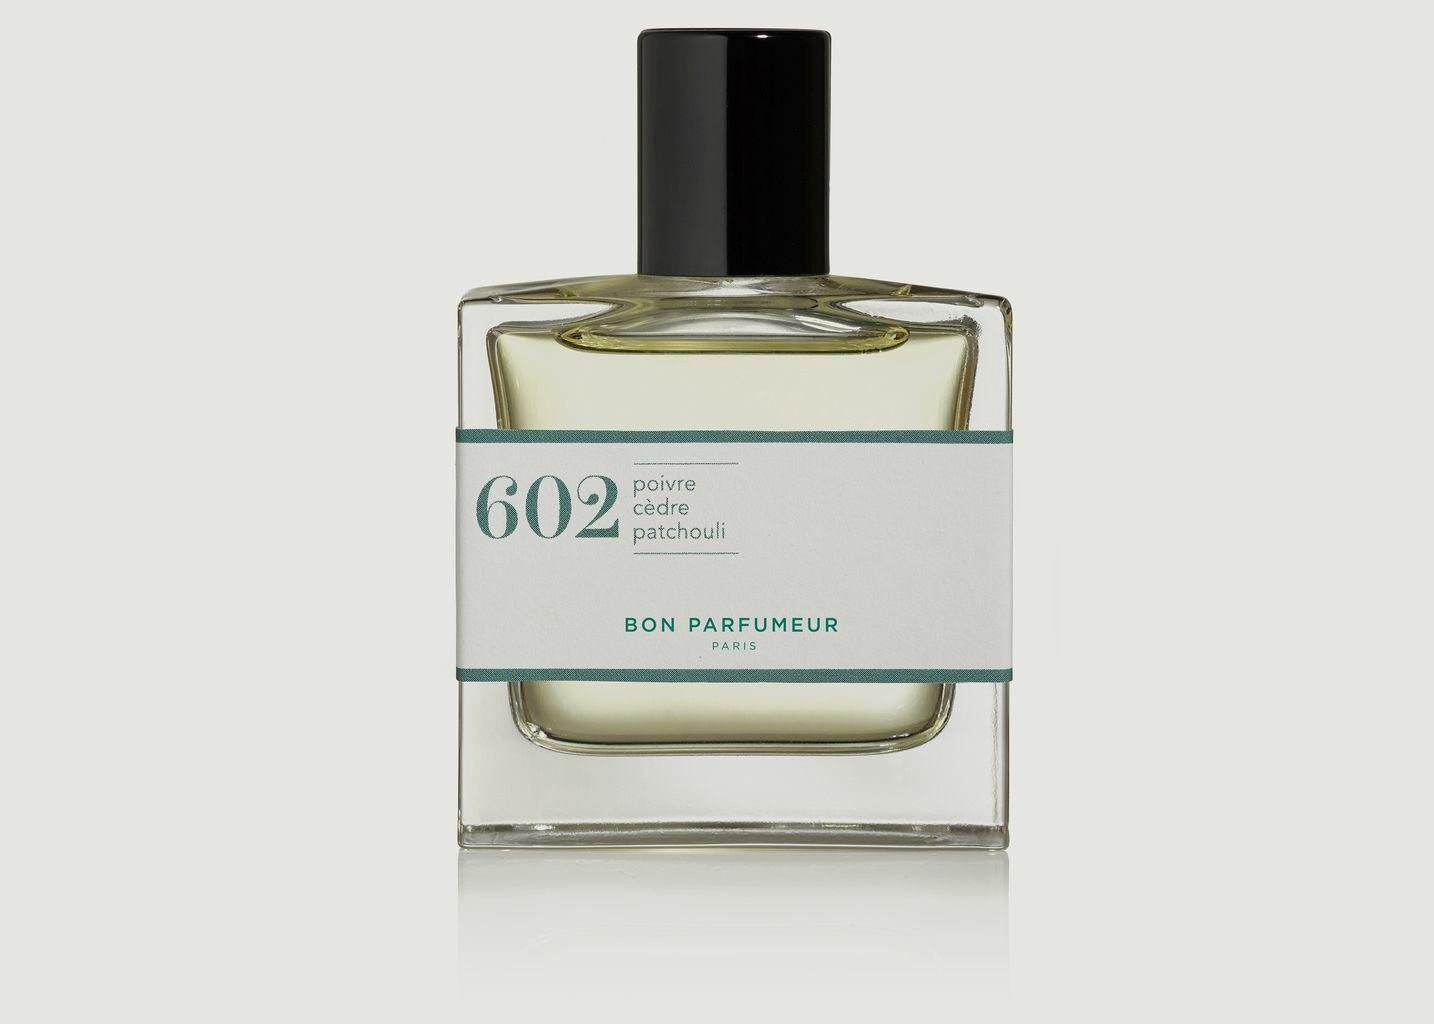 Eau de Parfum 602 - Bon Parfumeur